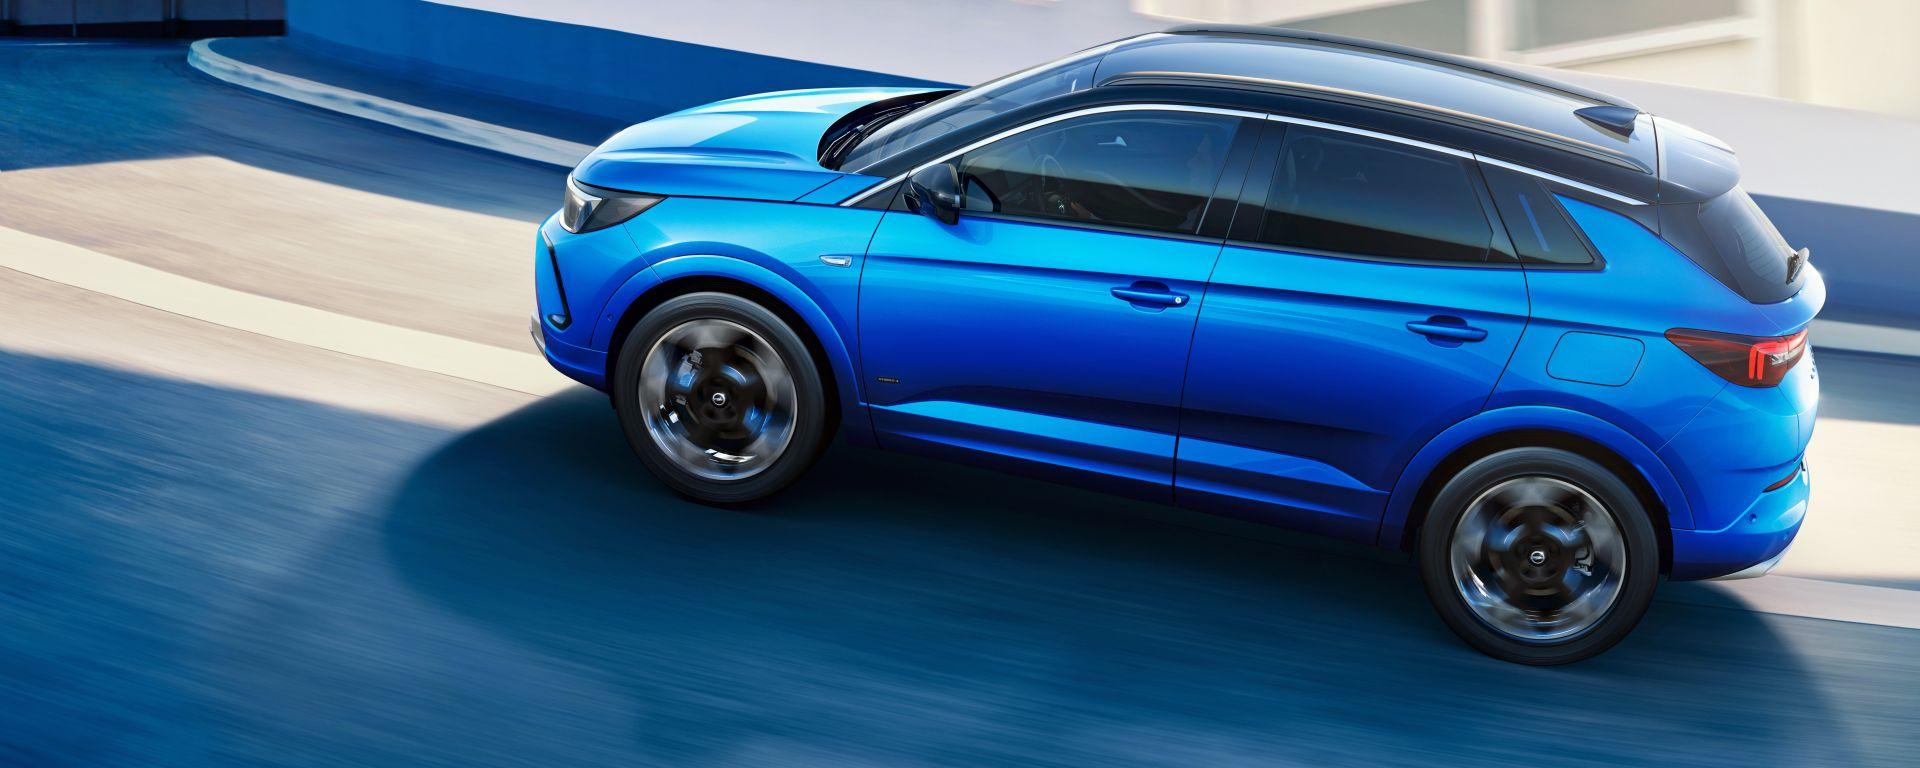 Nuova Opel Grandland 2021, ordini al via. Motori e prezzi